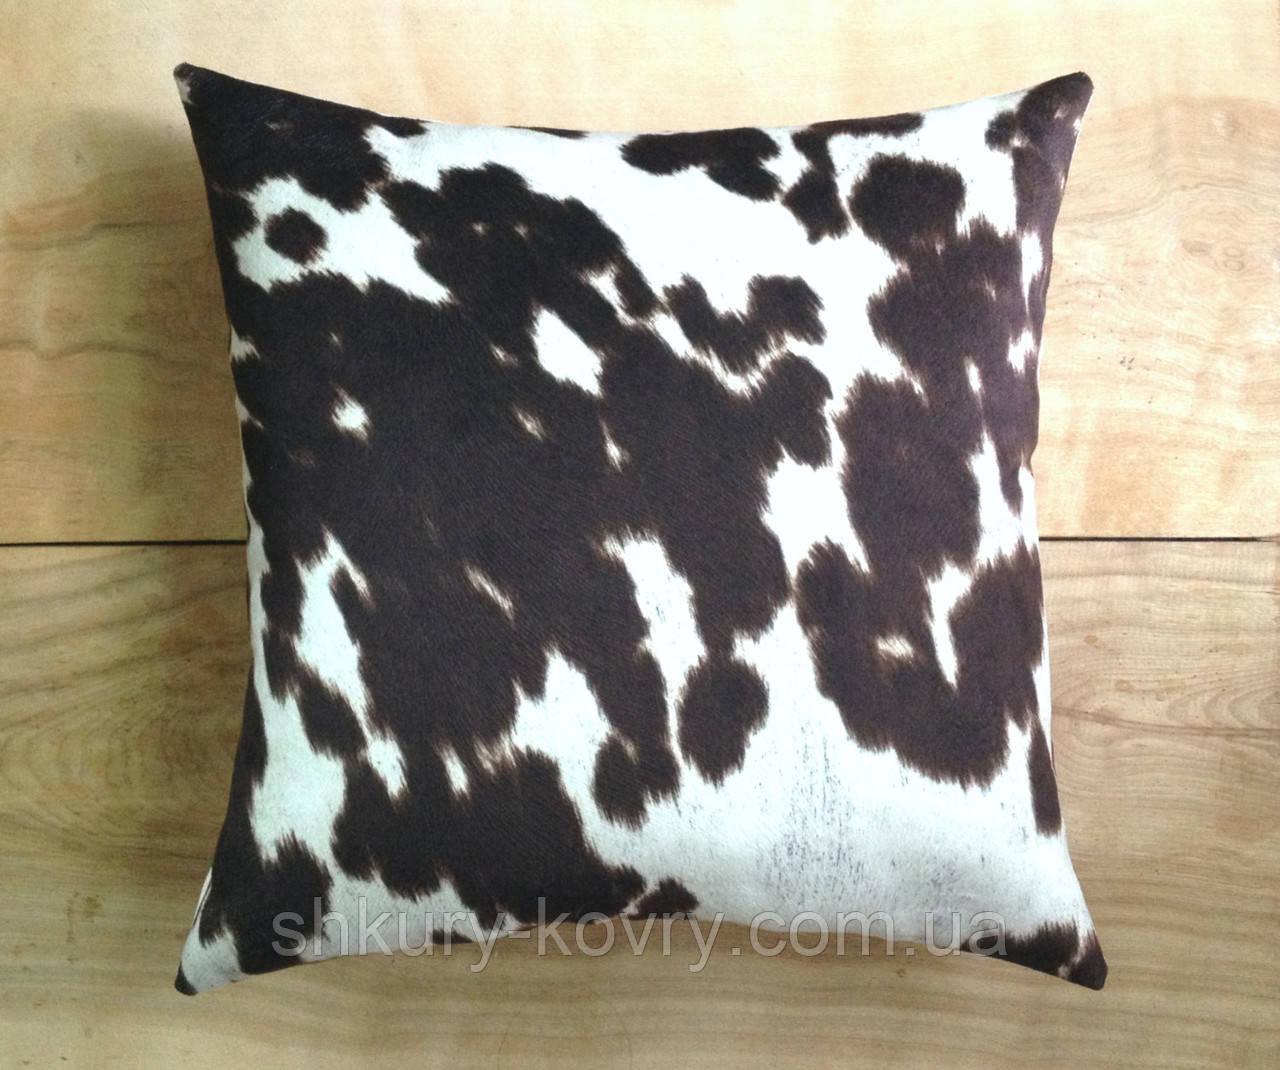 Декоративна подушка з плямистої рябий коров'ячої шкури